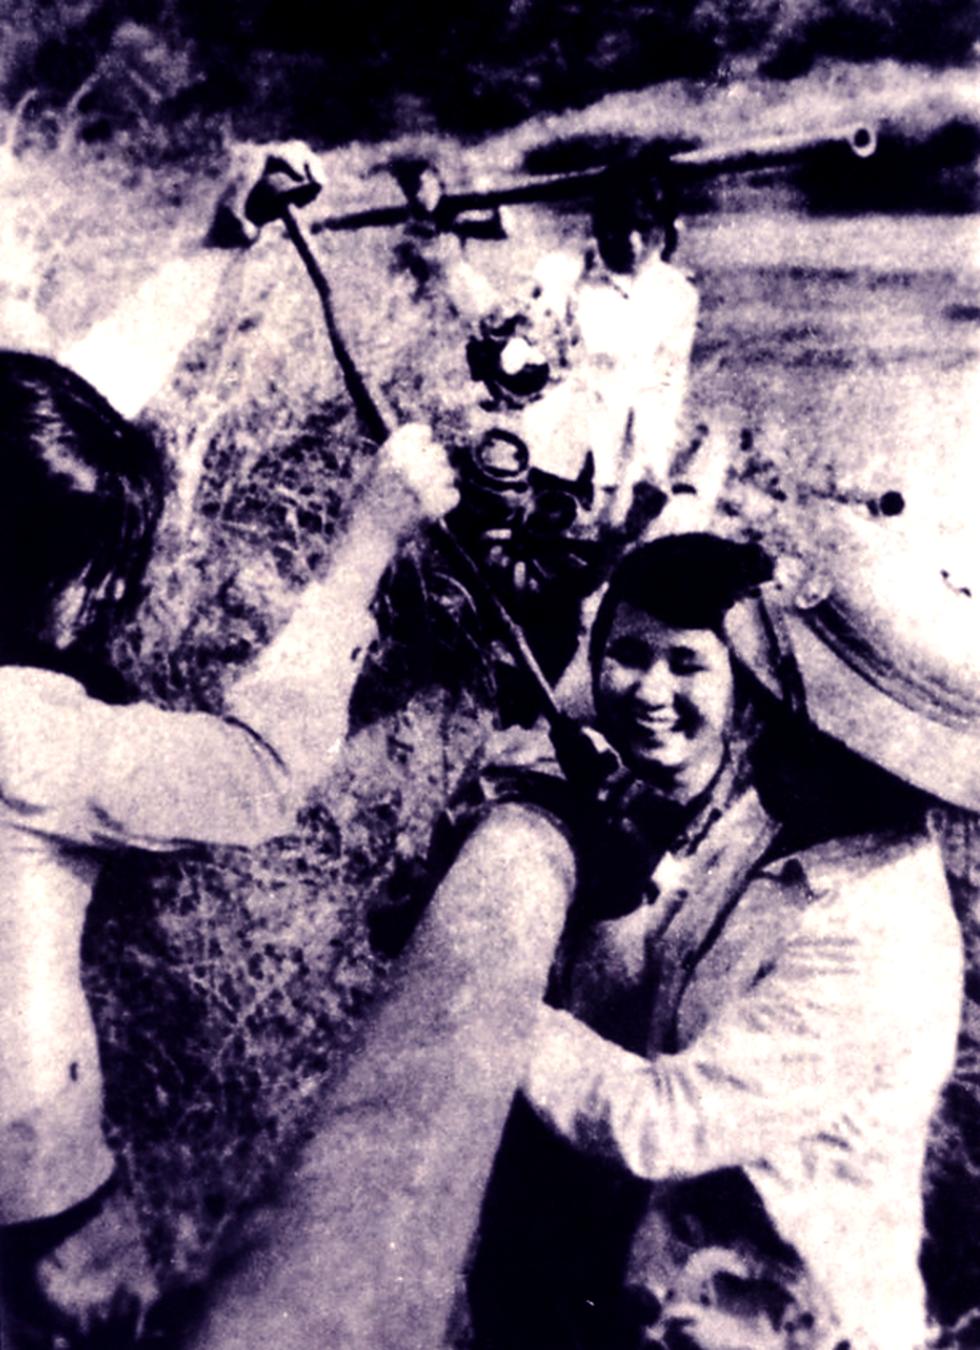 Tướng Đồng Sỹ Nguyên và đường ống xăng dầu vượt Trường Sơn bão lửa - Ảnh 8.